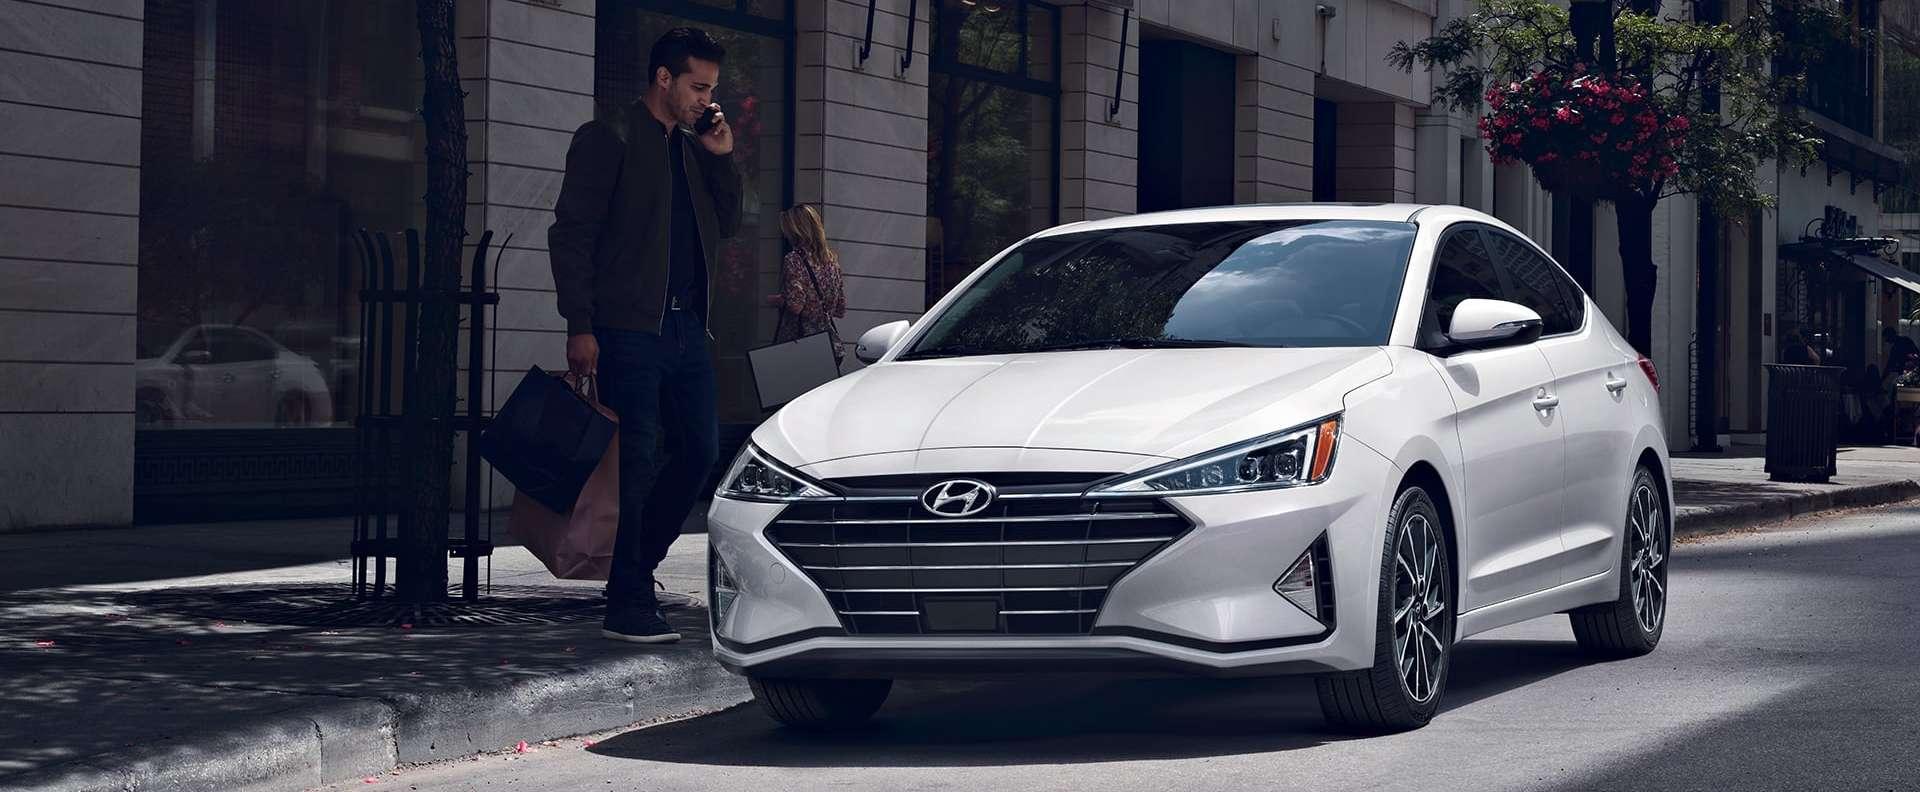 2020 Hyundai Elantra Lease in Goshen, NY